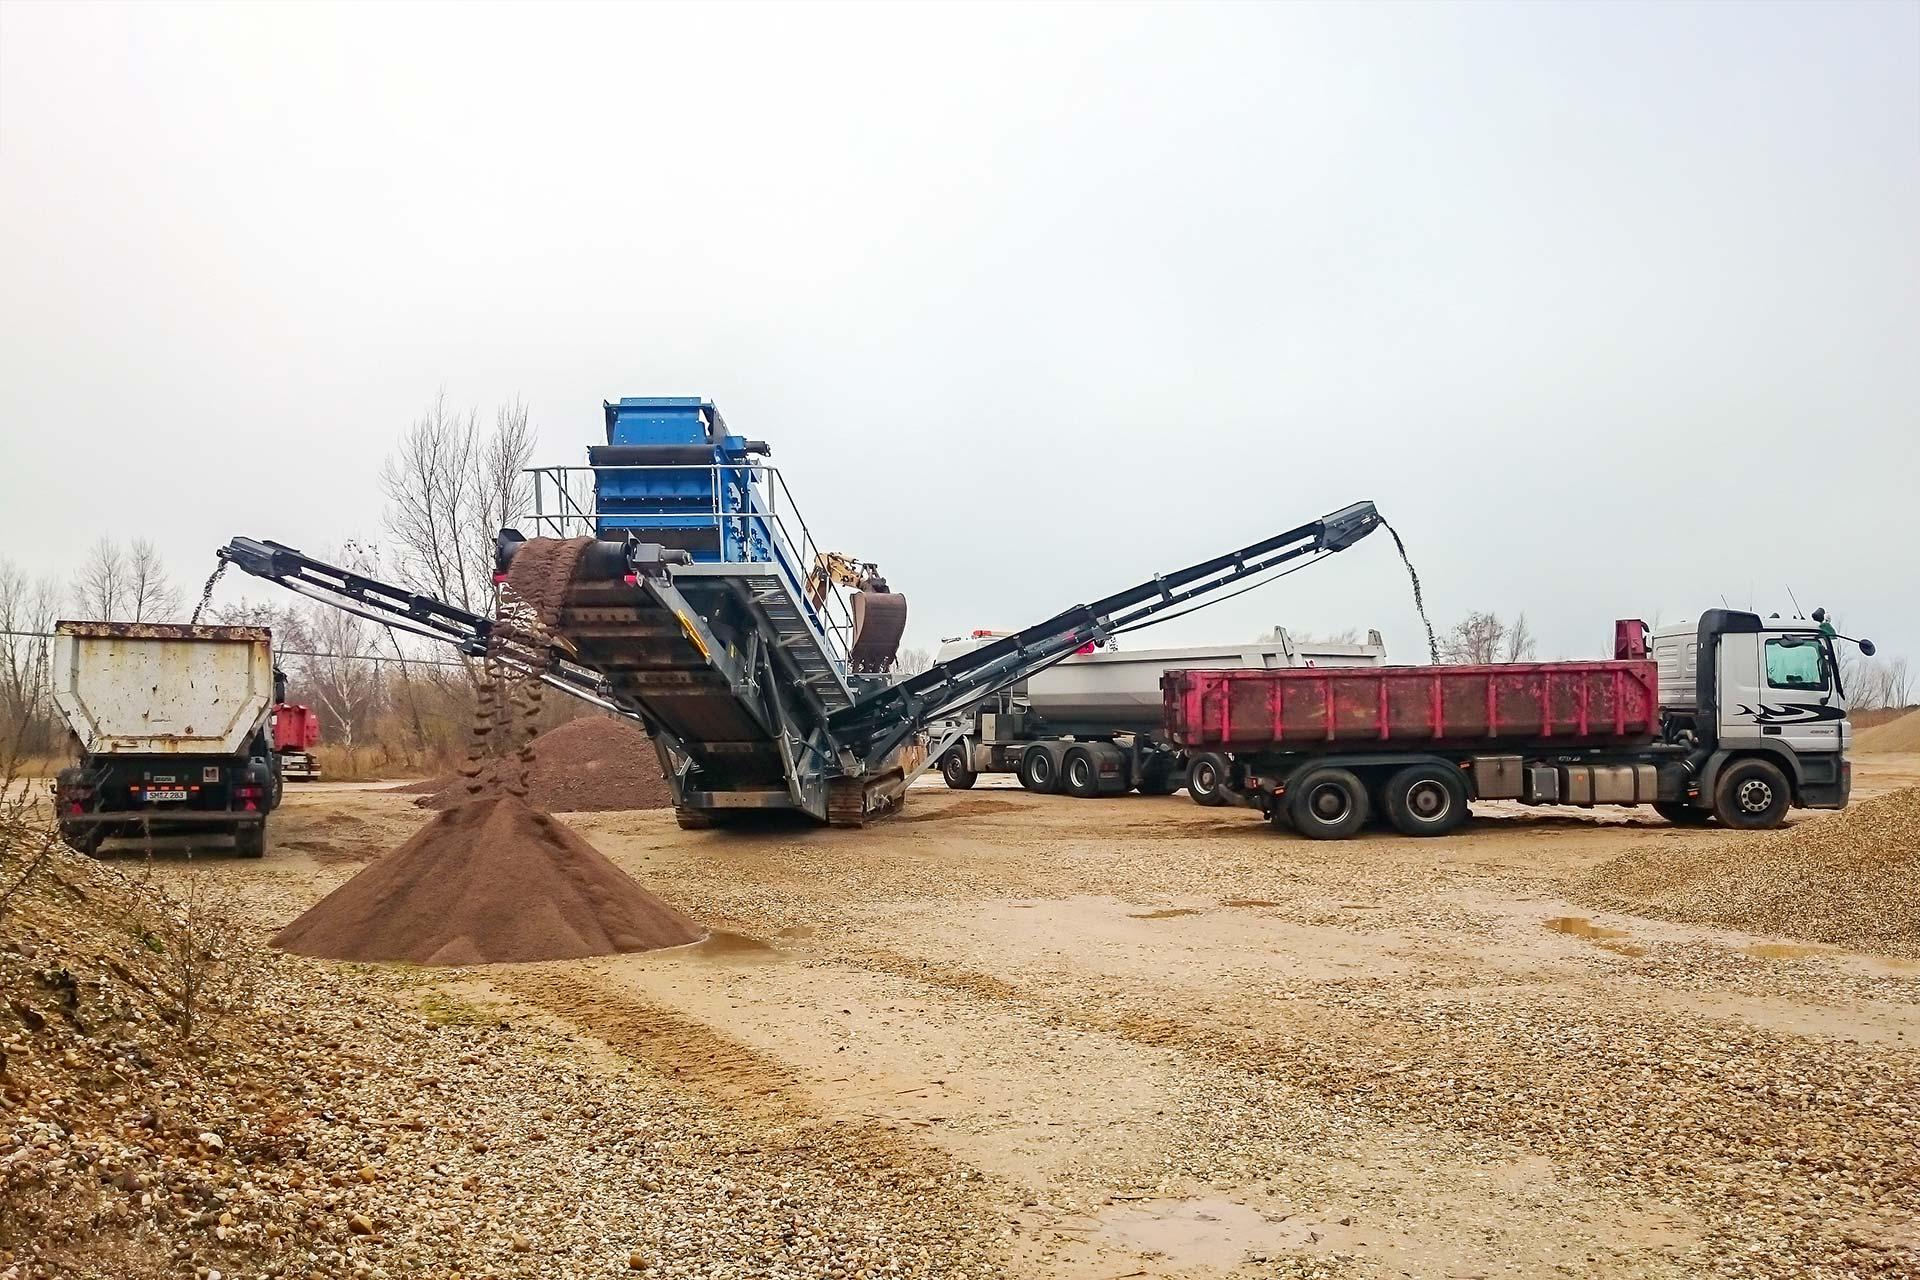 MB Spezialabbruch - Recycling: Recycling von Baumassenabfällen vor Ort